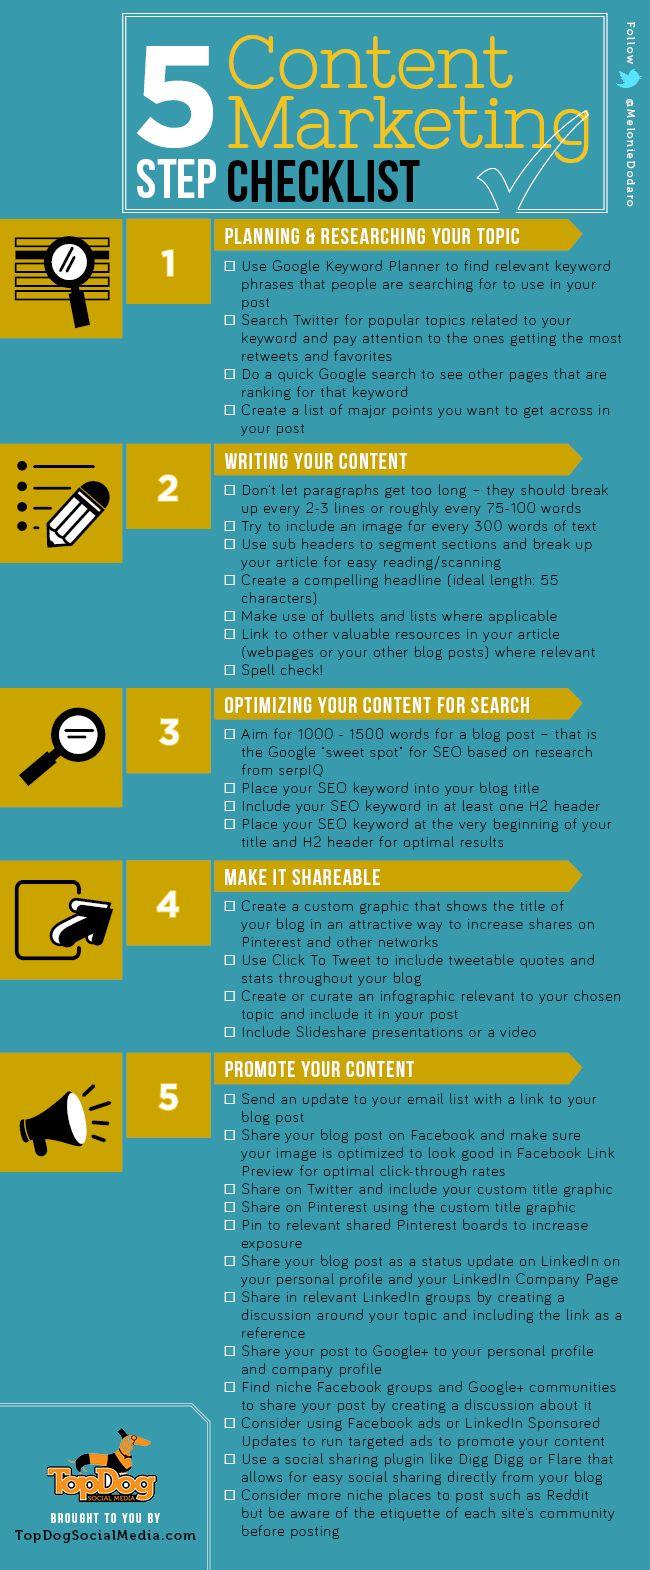 checklist content marketing 5 step